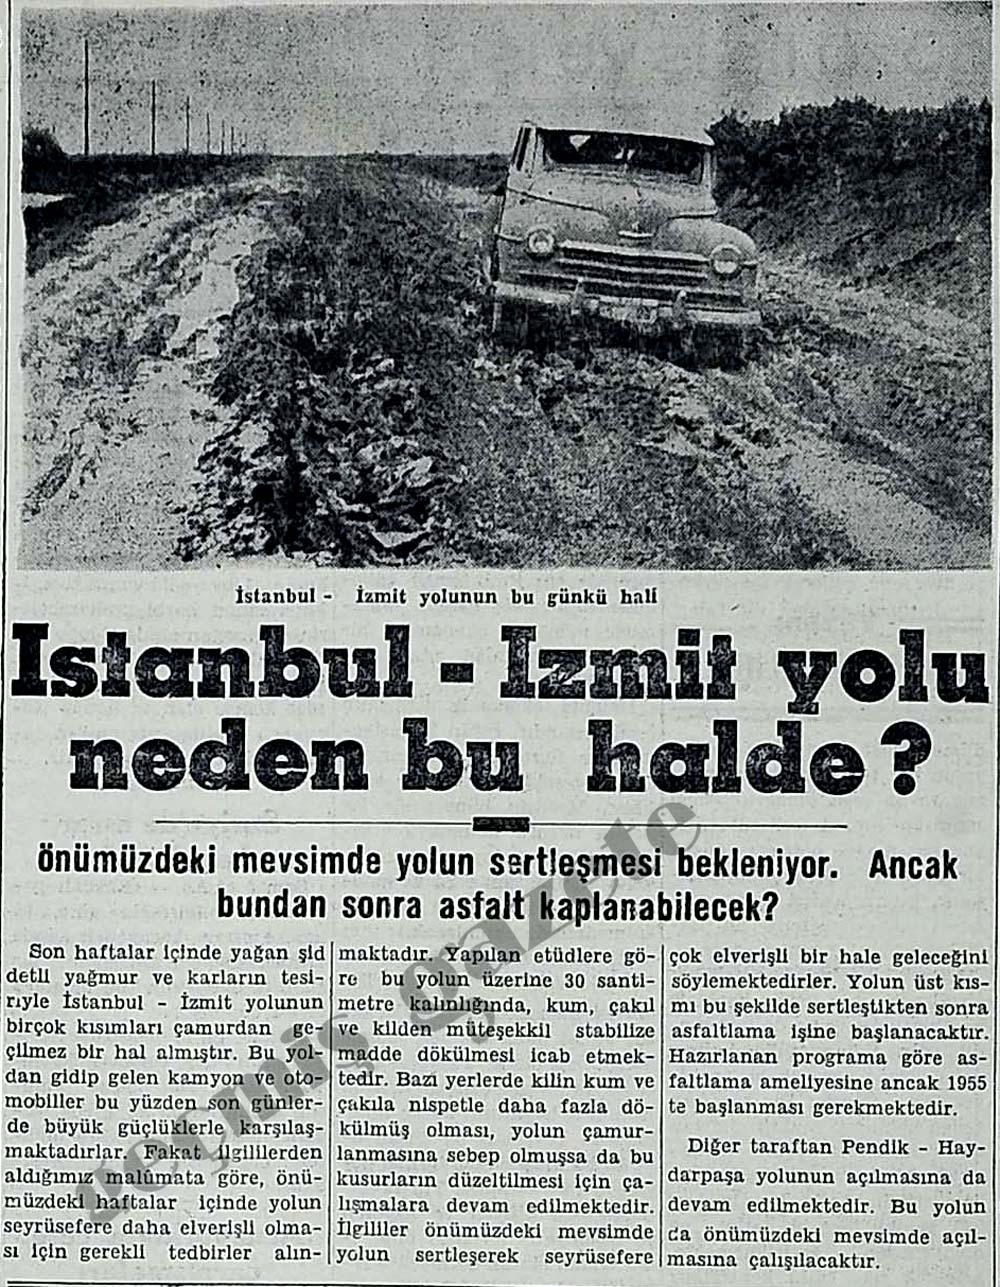 İstanbul - İzmit yolu neden bu halde?